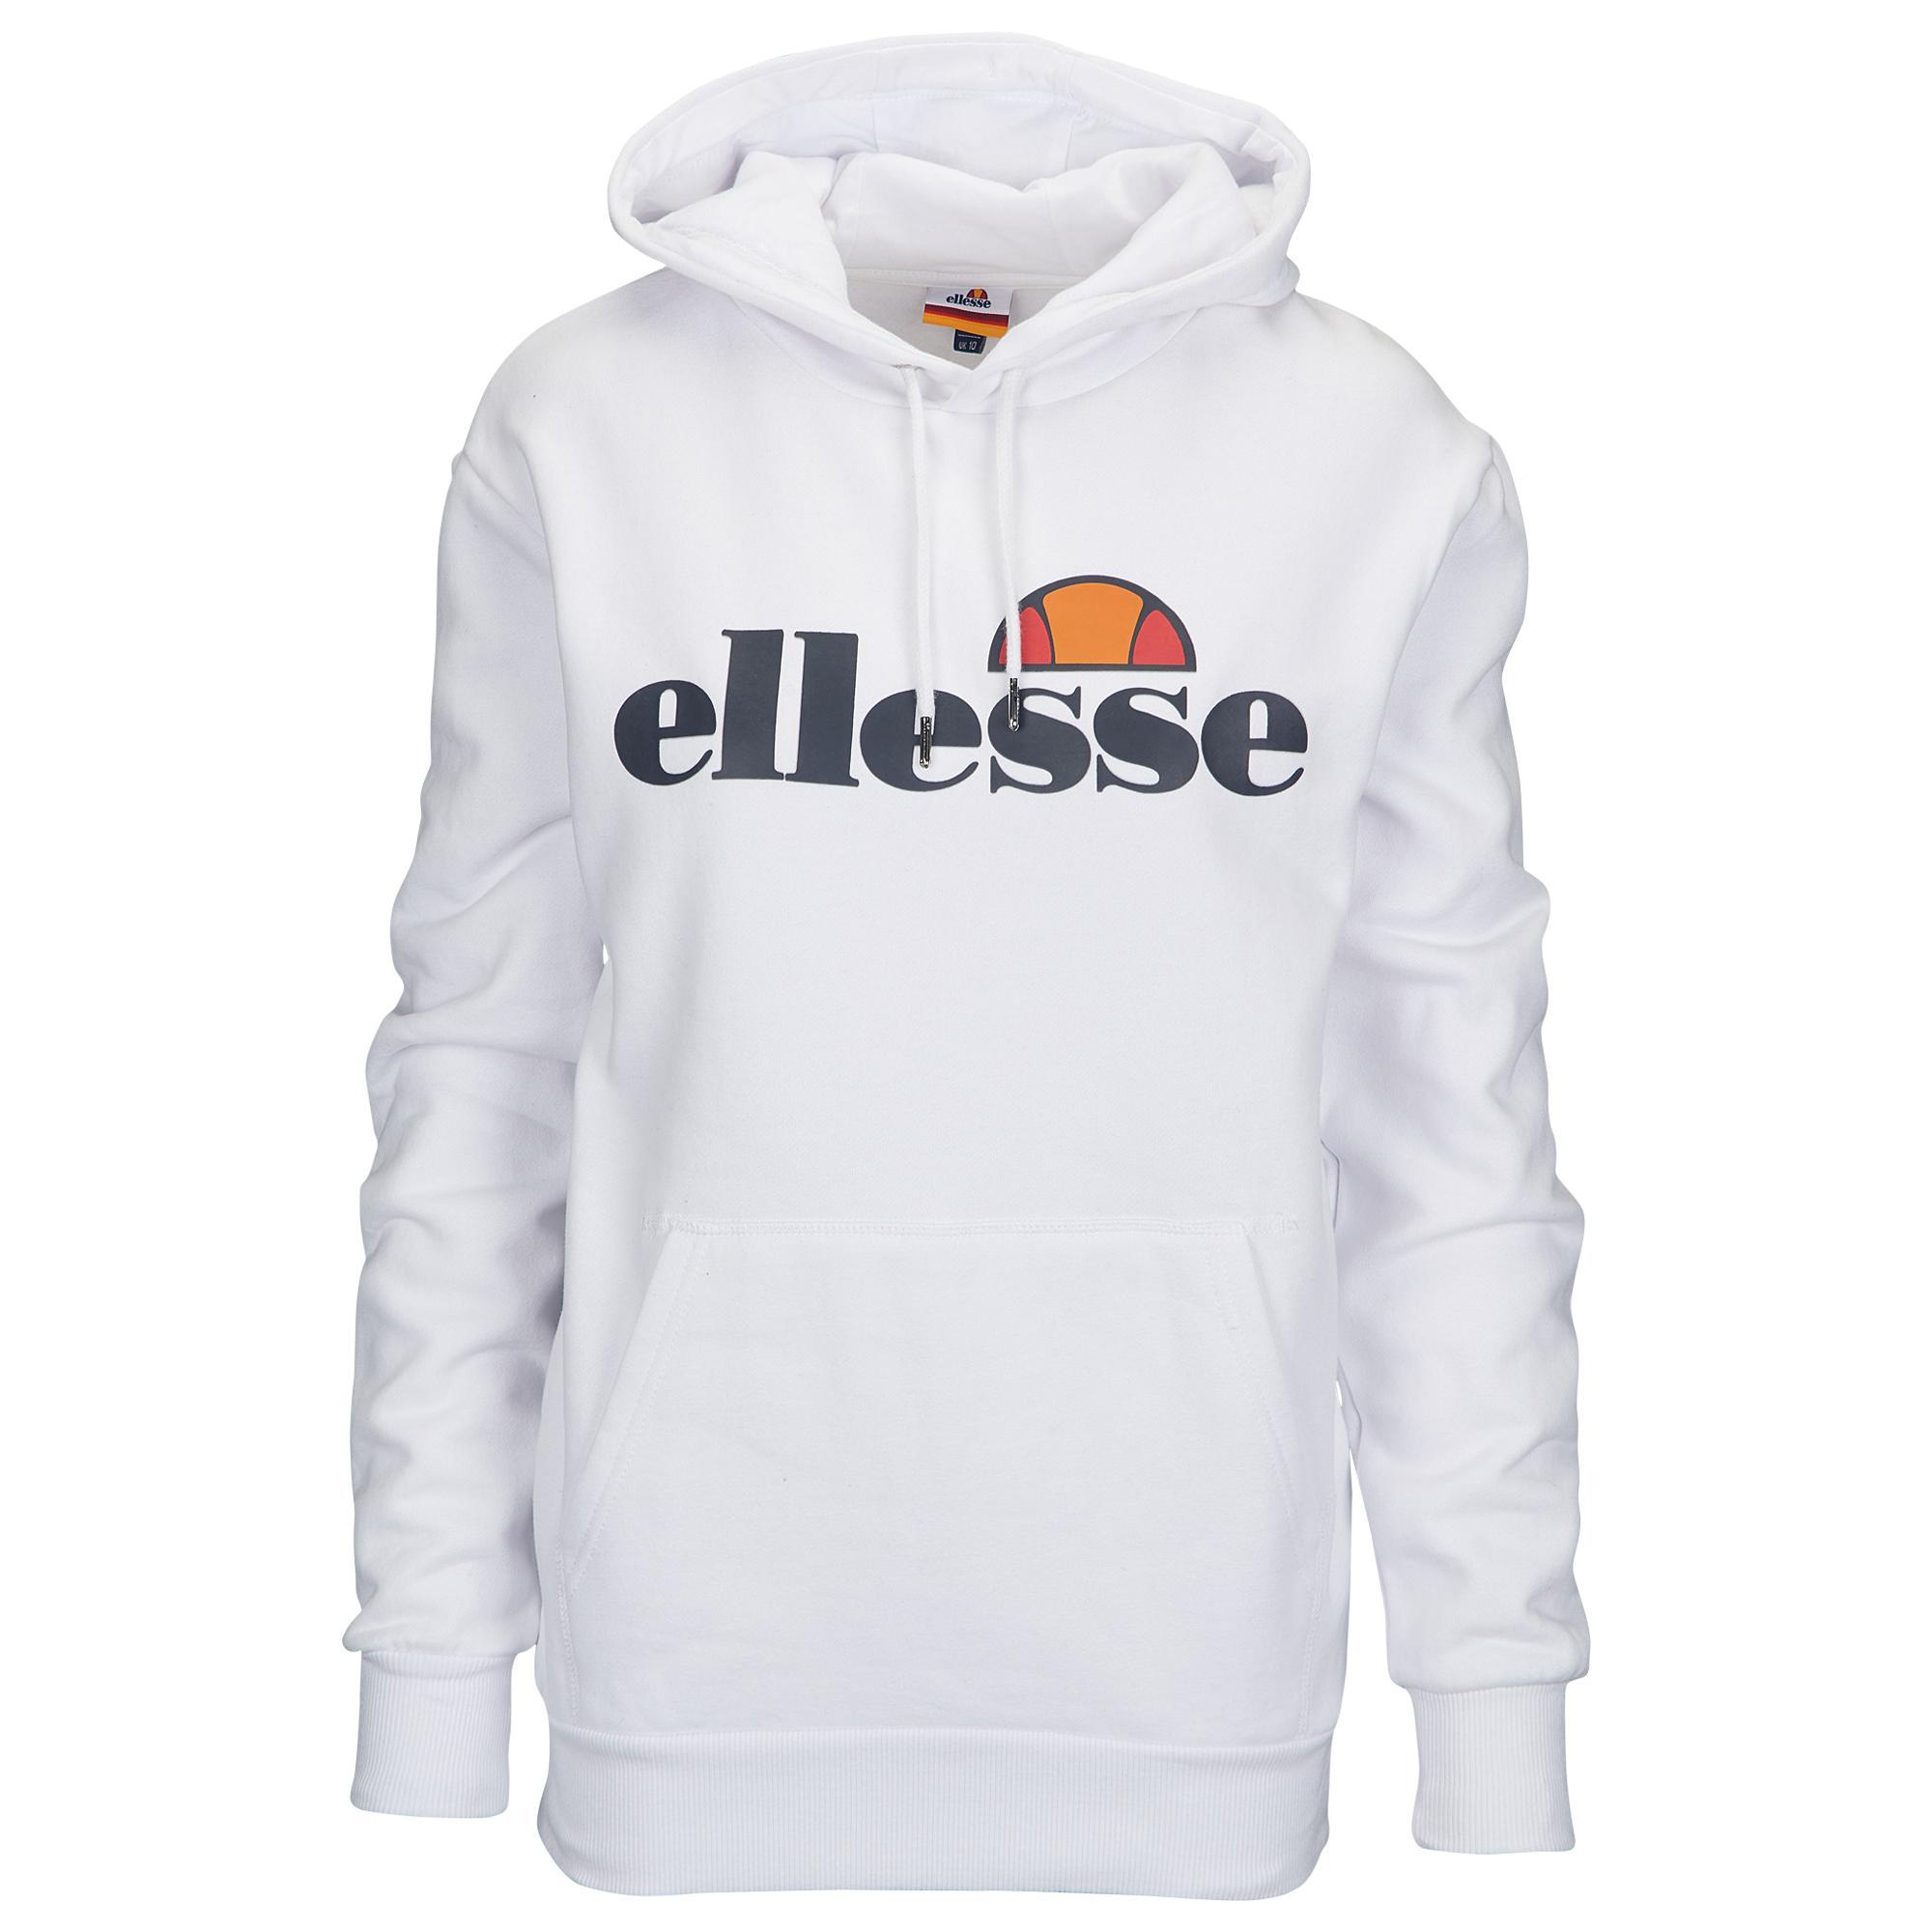 ellesse sweater grey hoodie nordstrom jersey